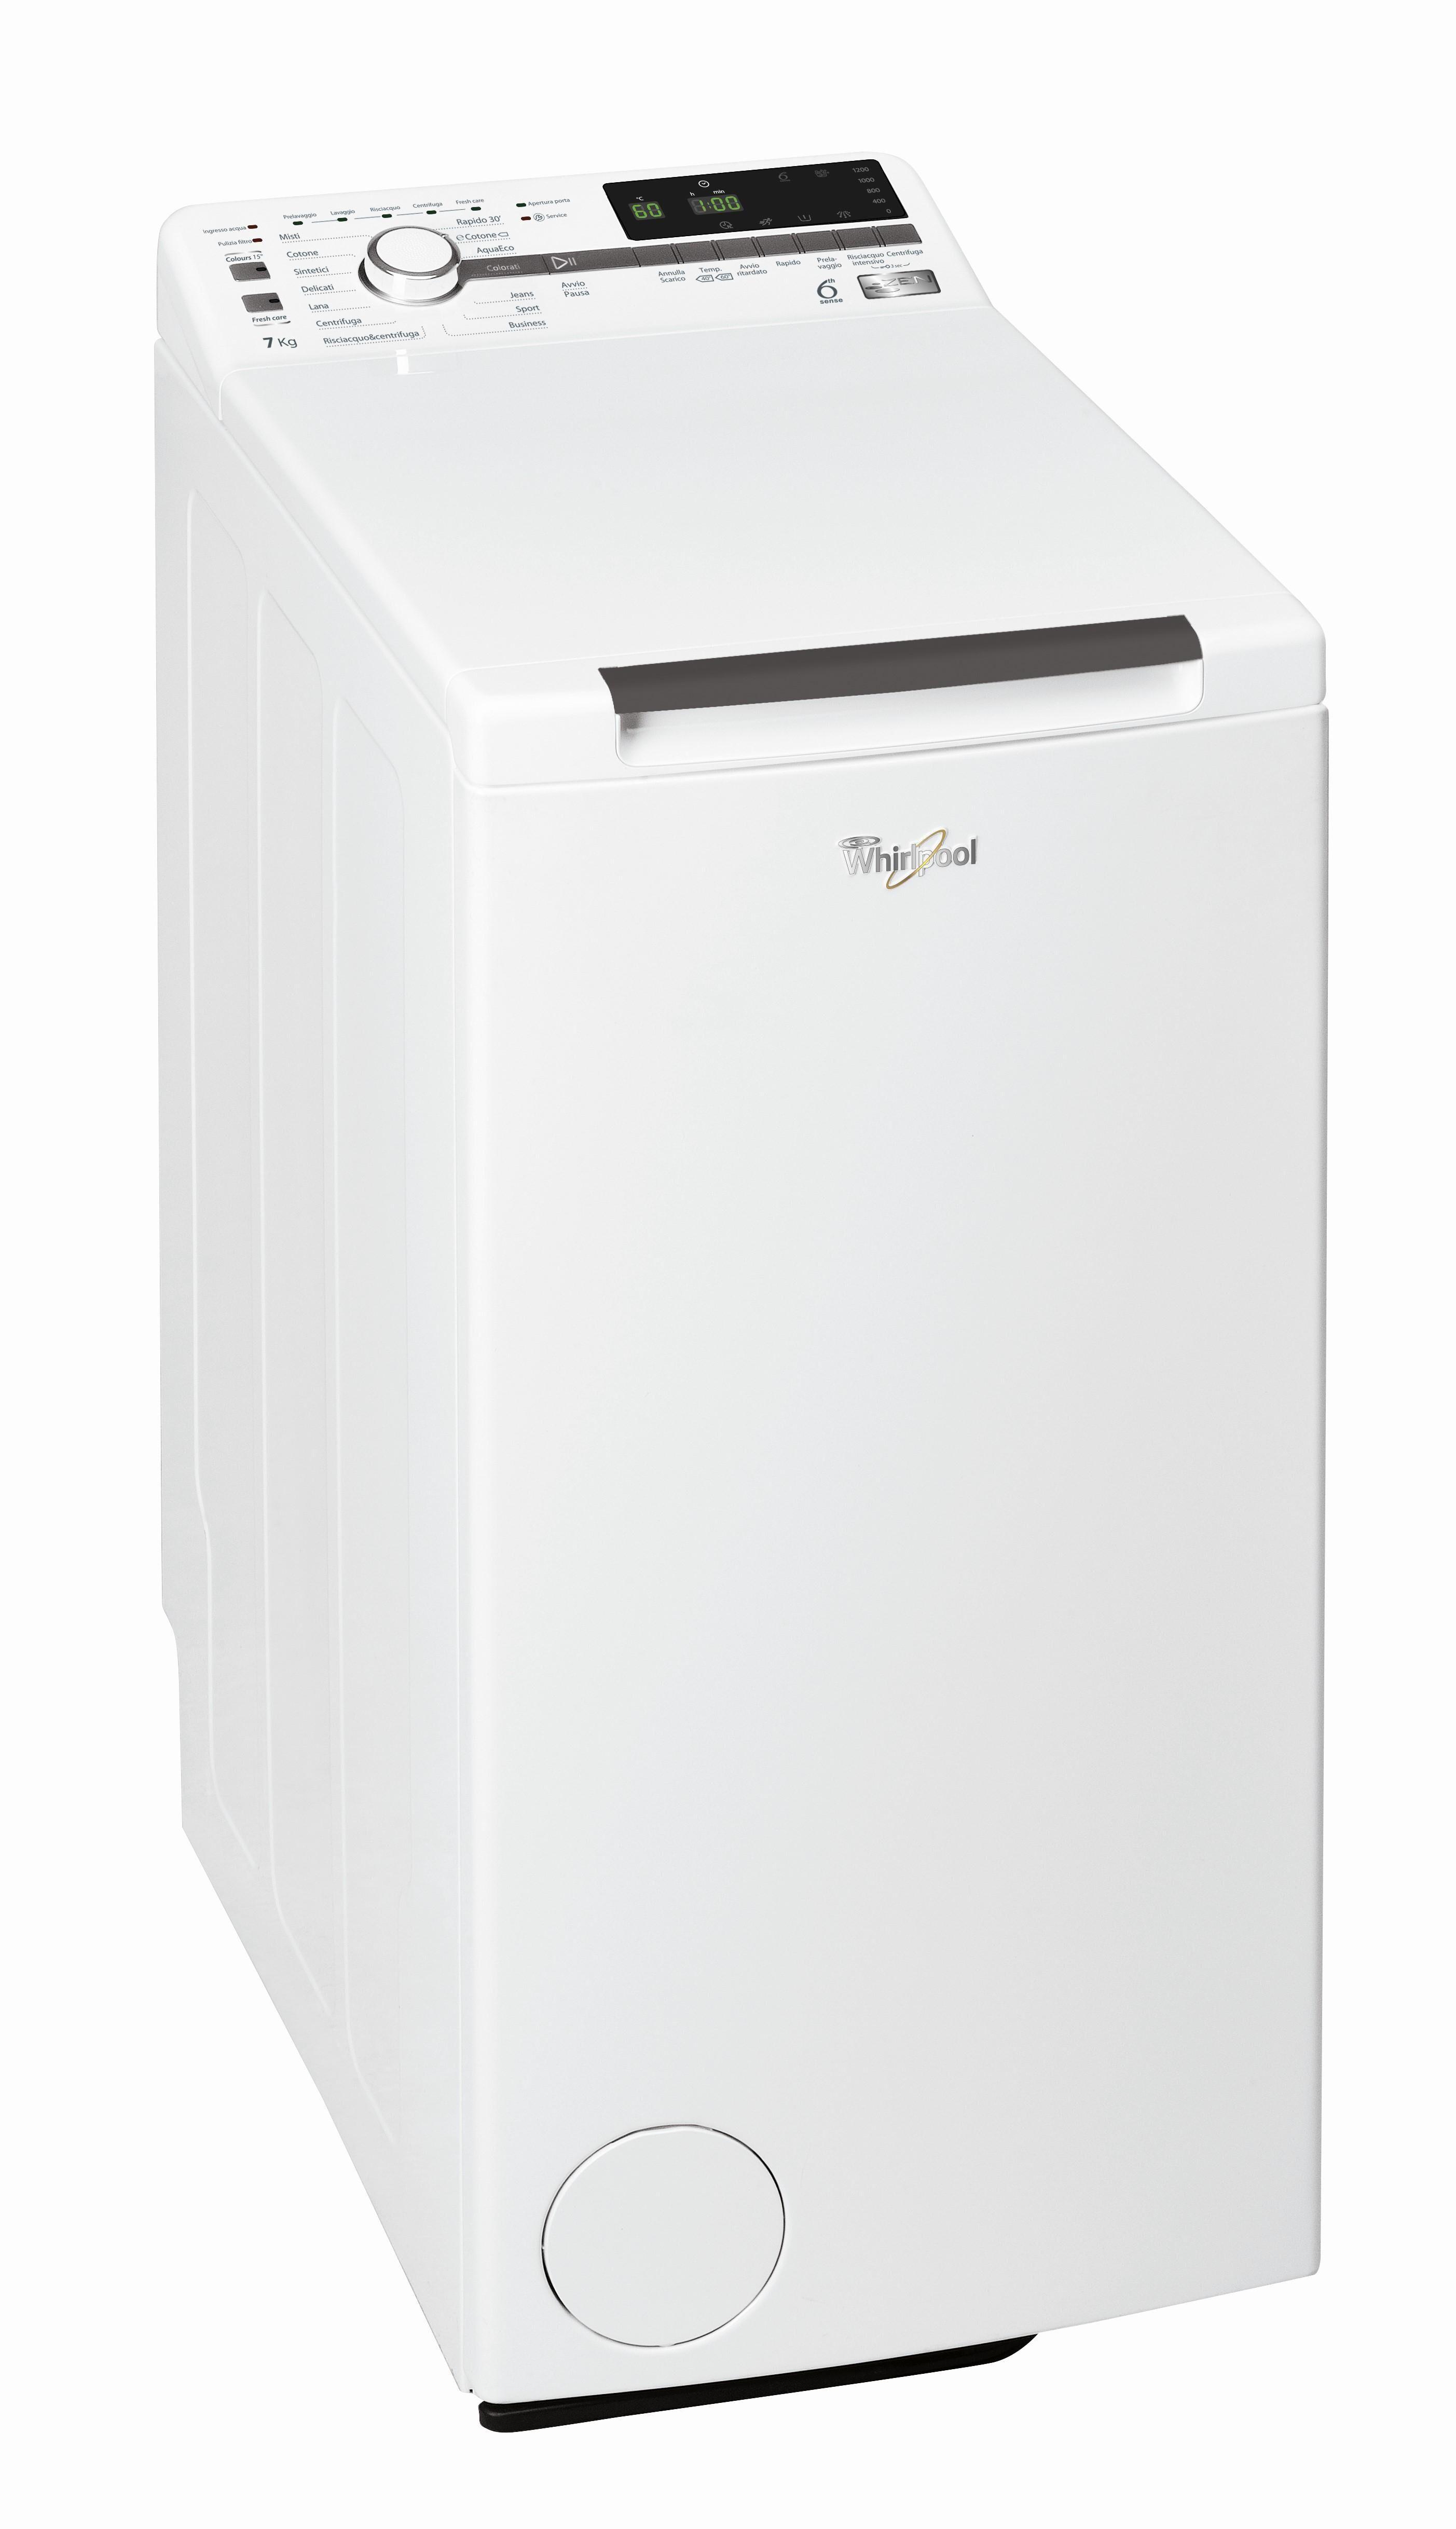 Whirlpool ZEN TDLR 724 lavatrice Libera installazione Caricamento dall'alto Bianco 7 kg 1200 Giri/min A+++